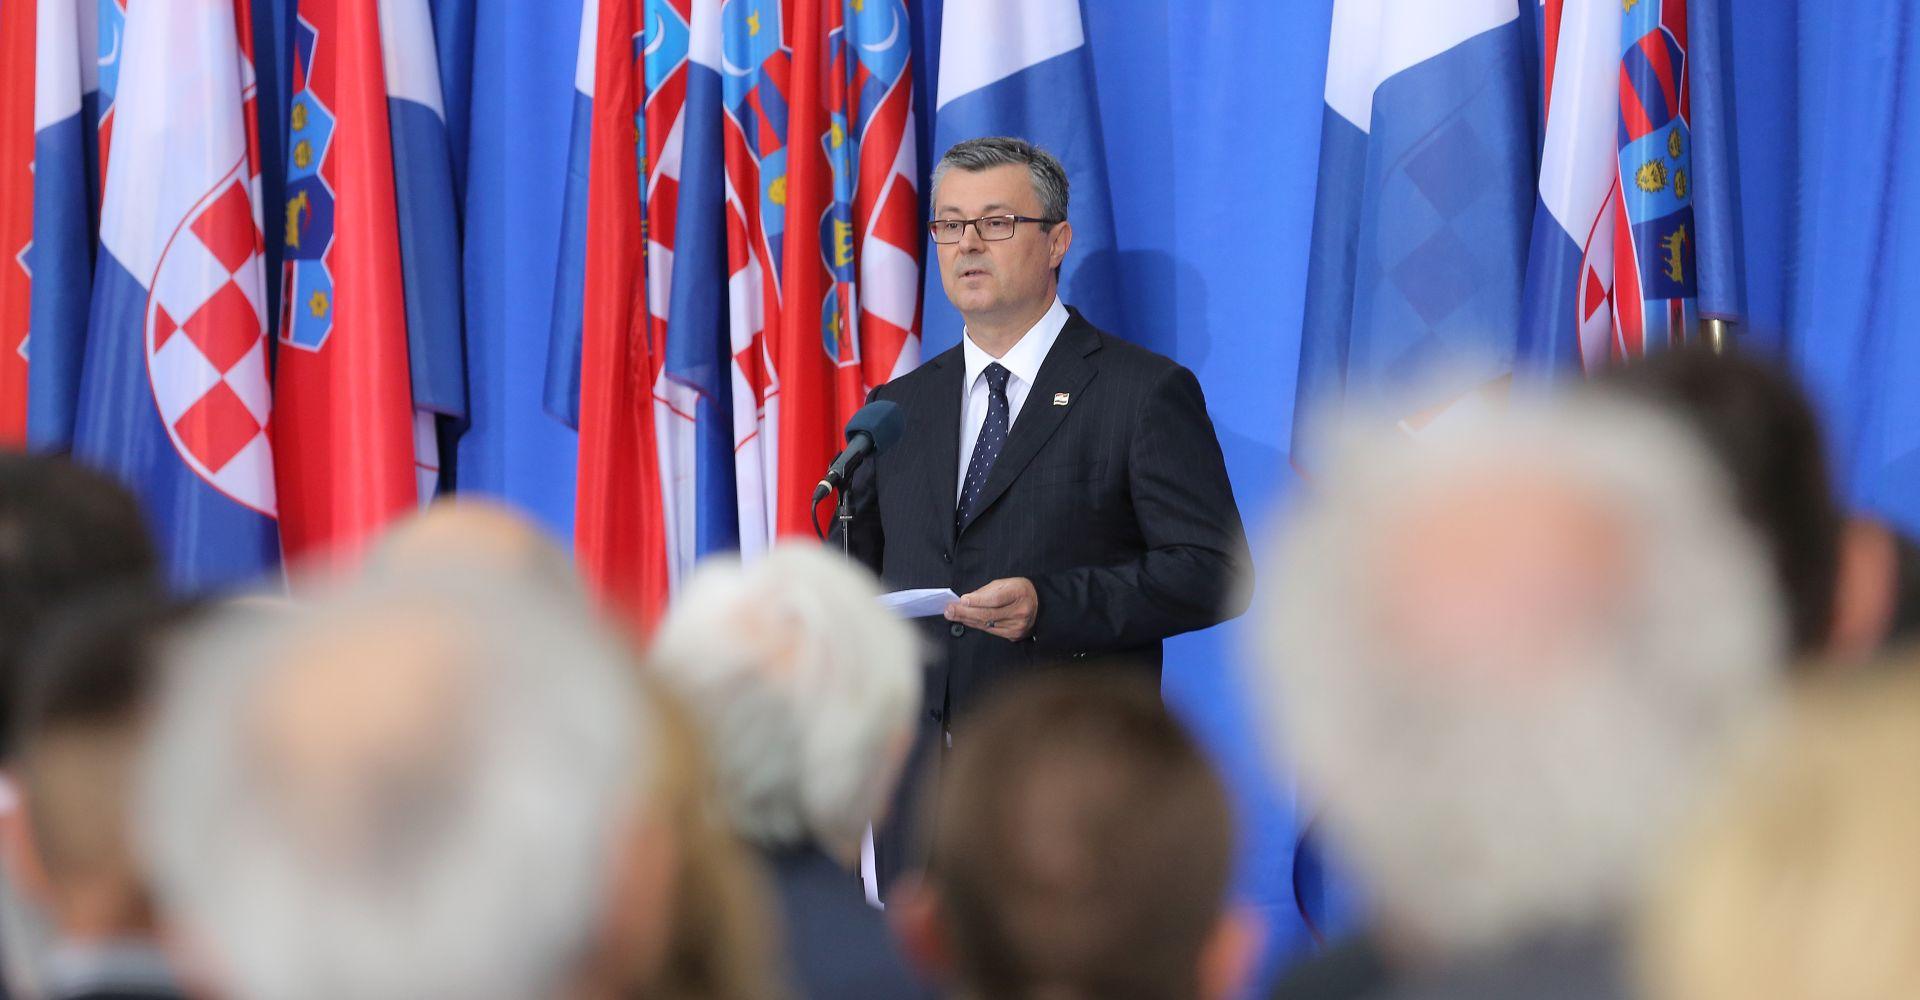 STIGLA REAKCIJA: Tehnički premijer nama namjeru nastaviti karijeru u diplomaciji